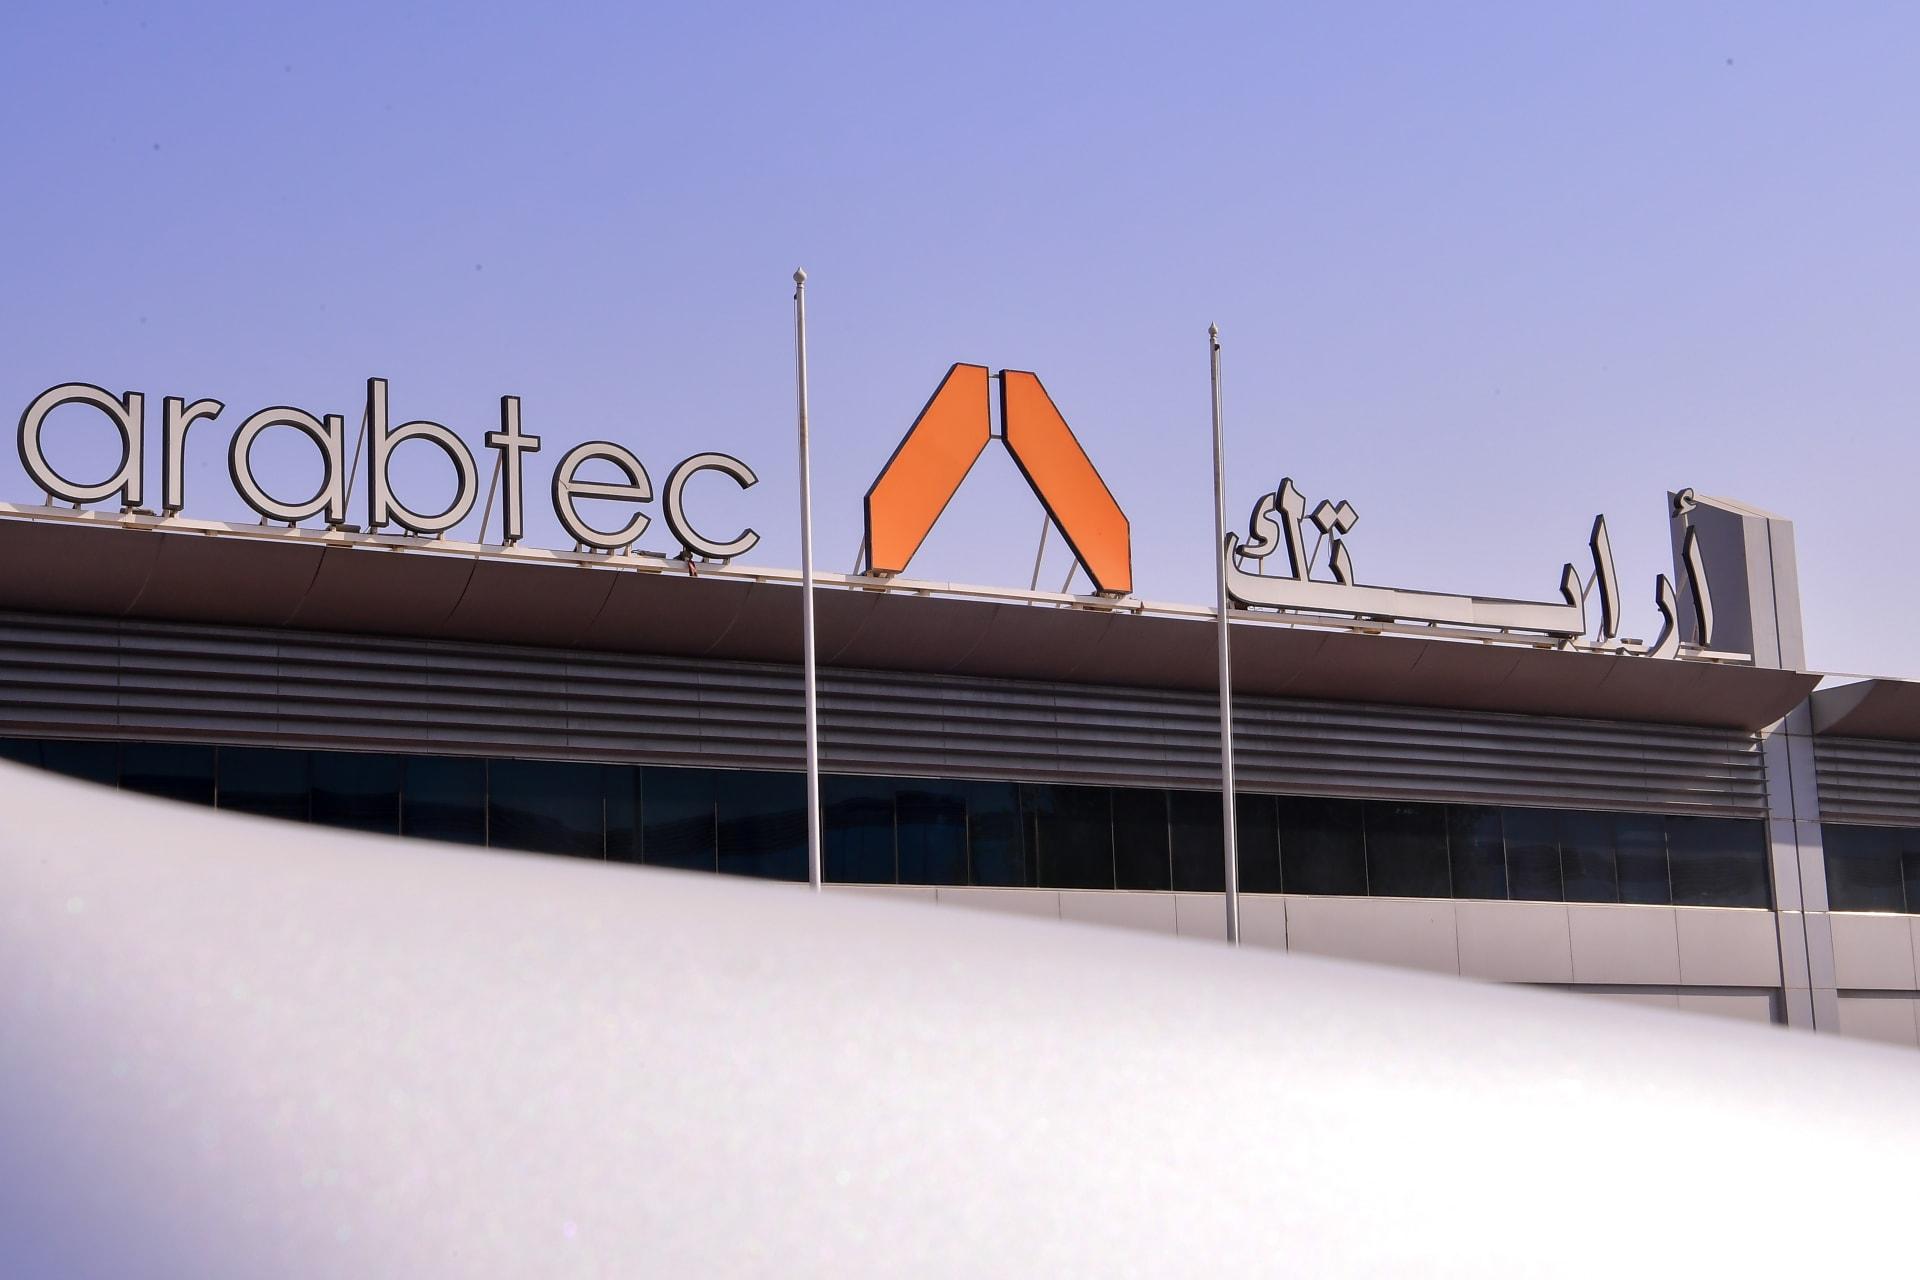 """شركة """"أرابتك"""" الإماراتية تقرر تقديم طلب للمحكمة لإعلان إفلاسها وتصفيتها"""